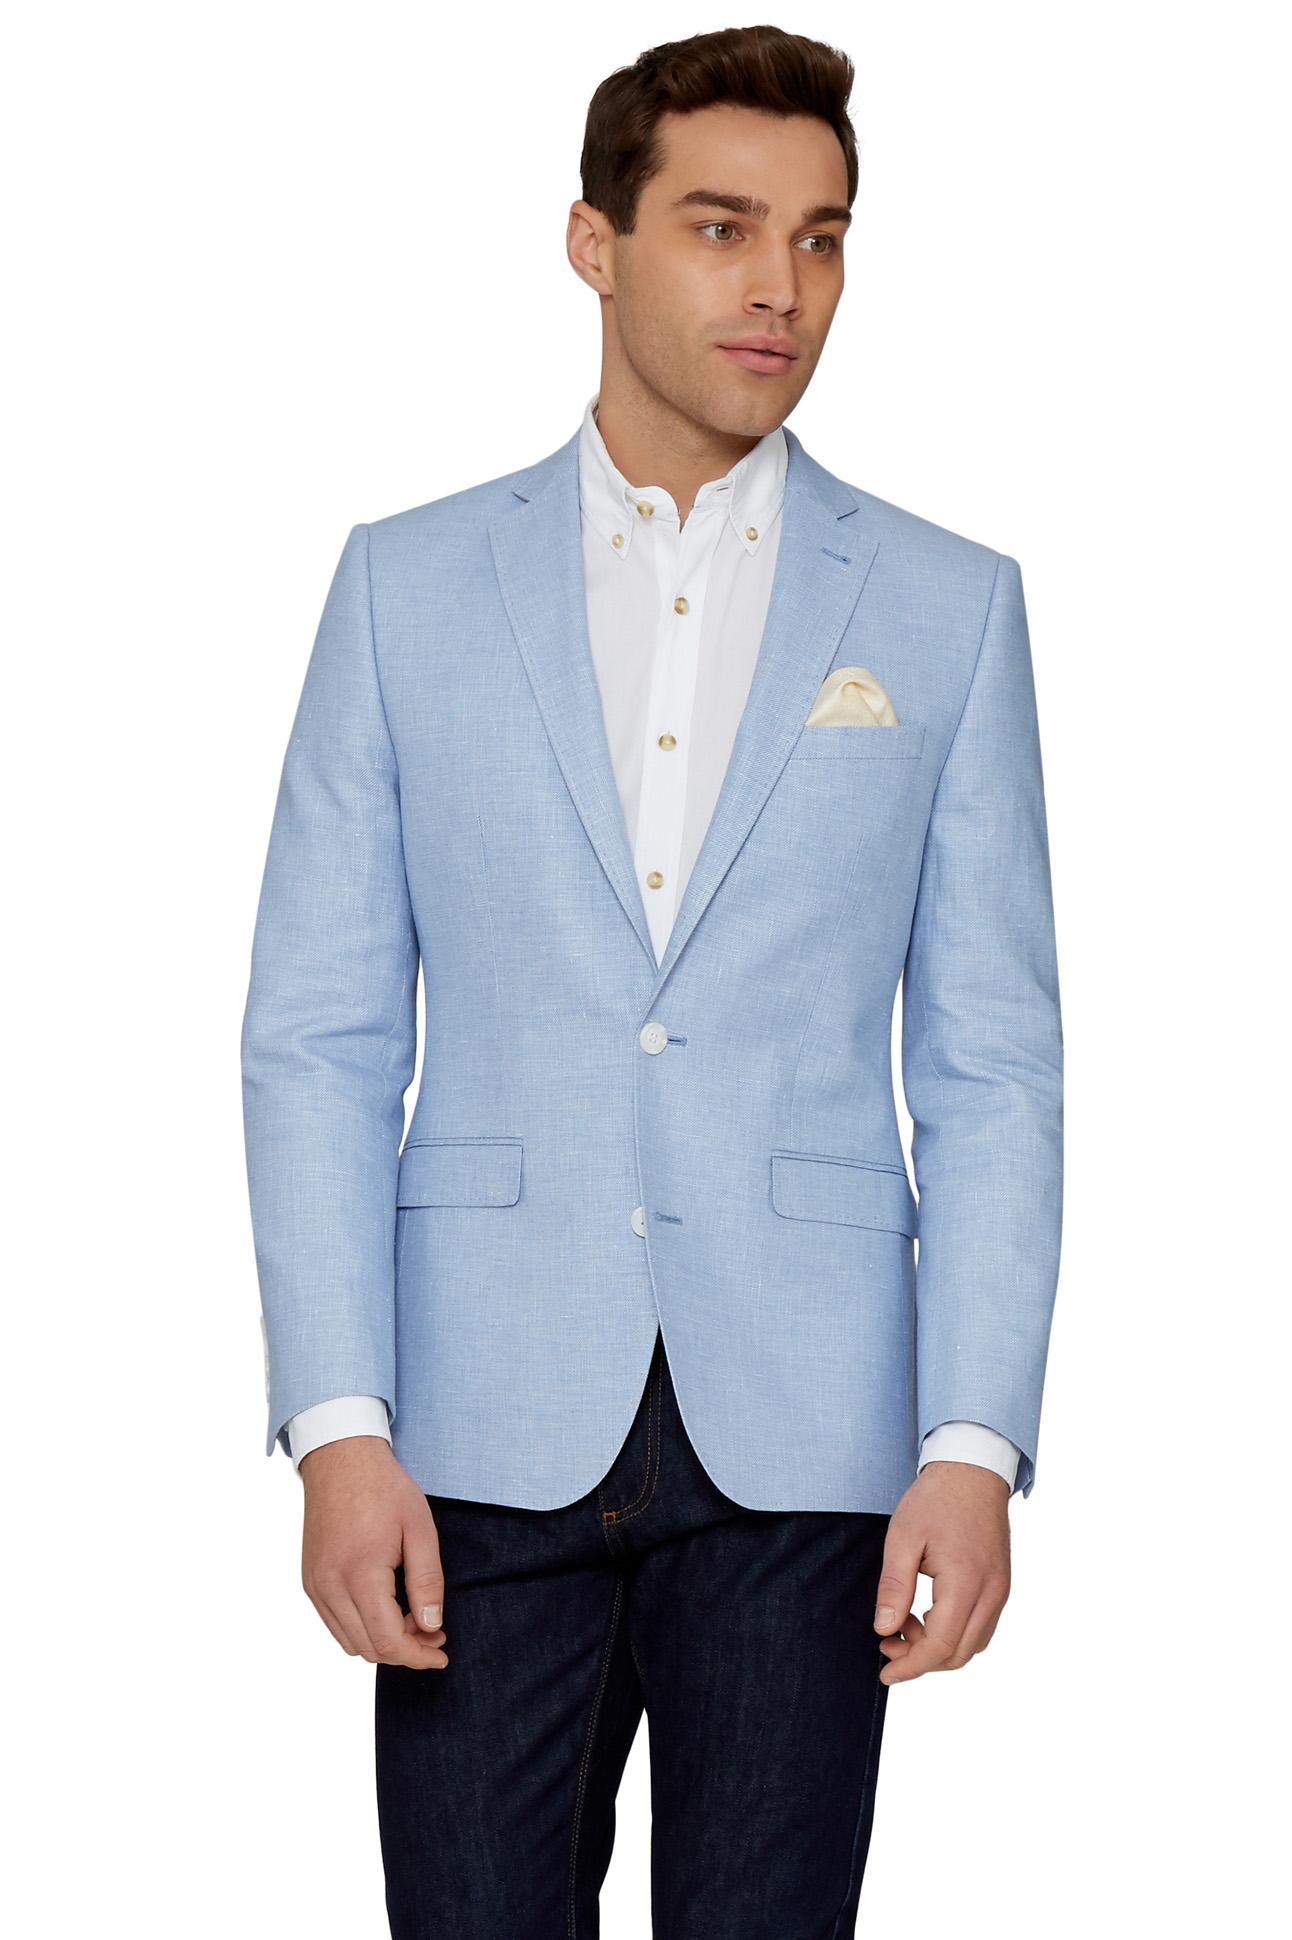 Linen fashion for men 17